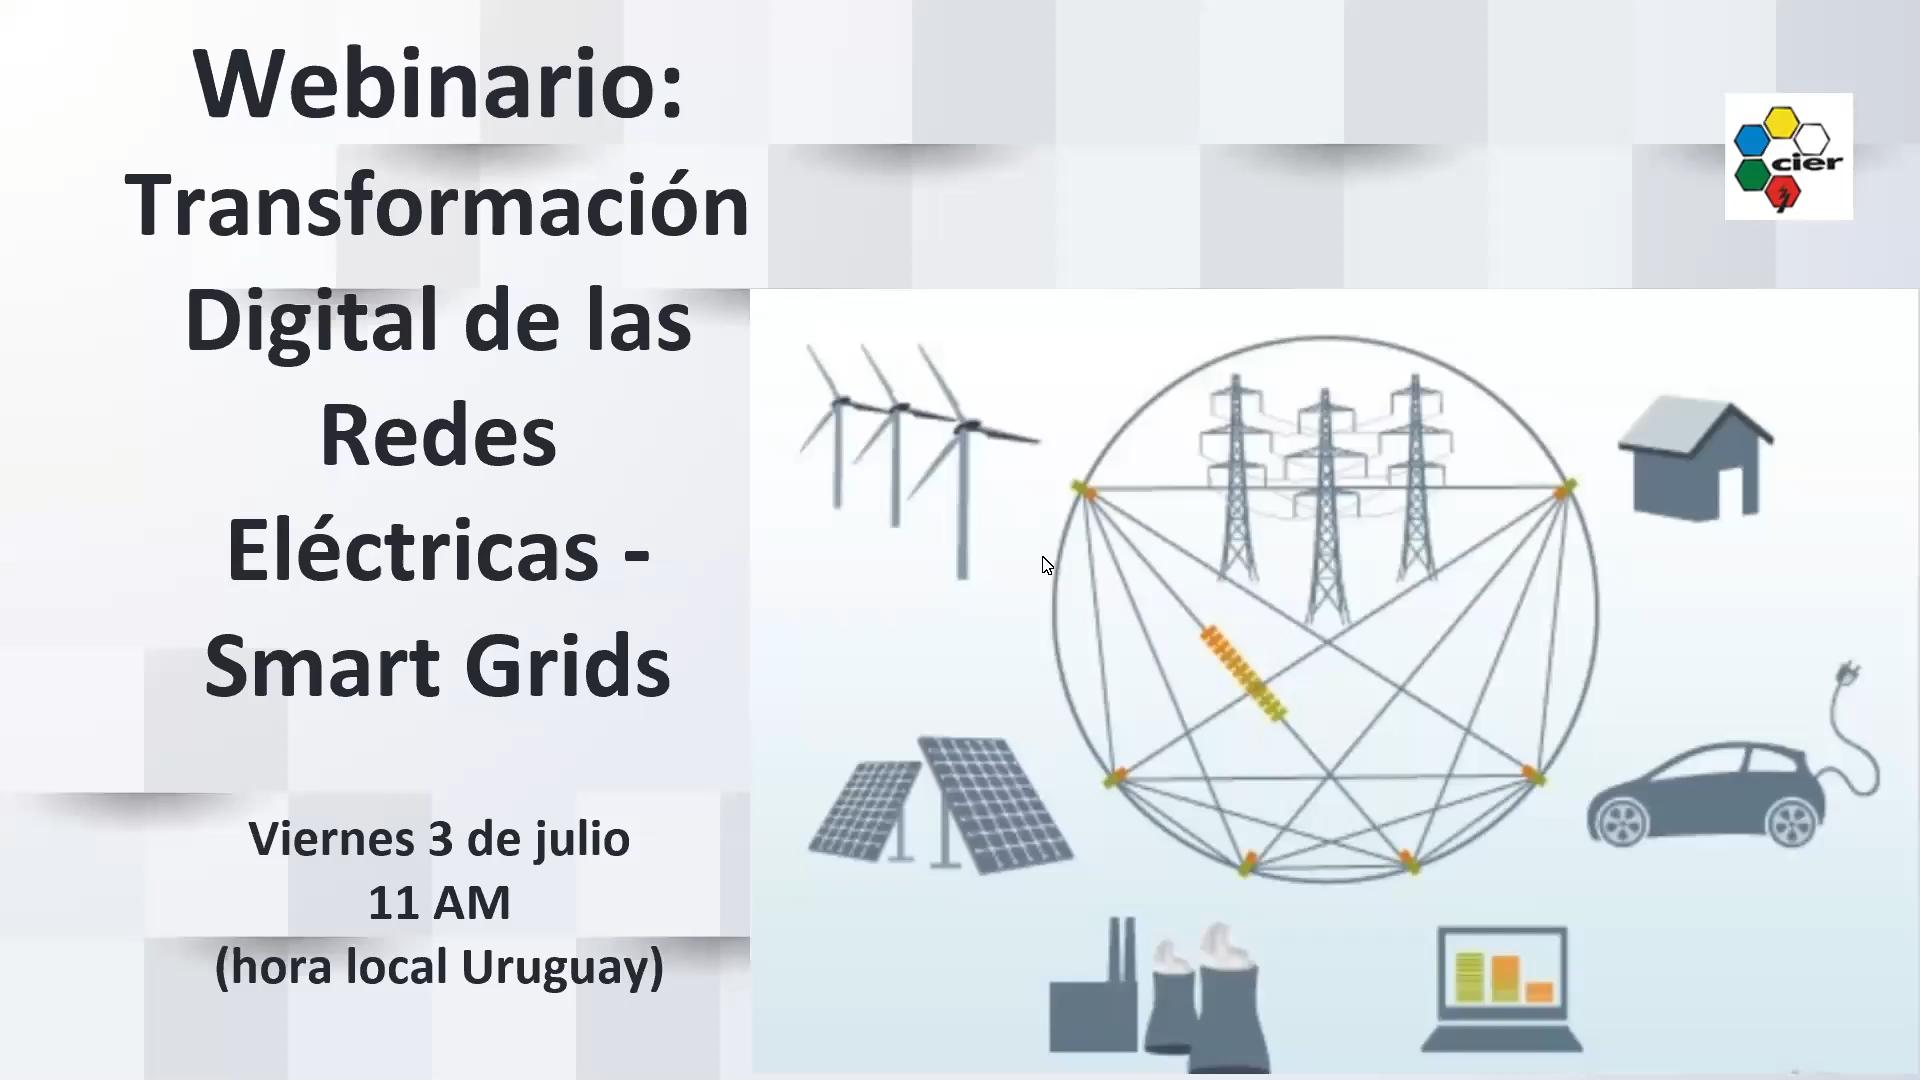 Transformación digital de las redes eléctricas - Smart grids